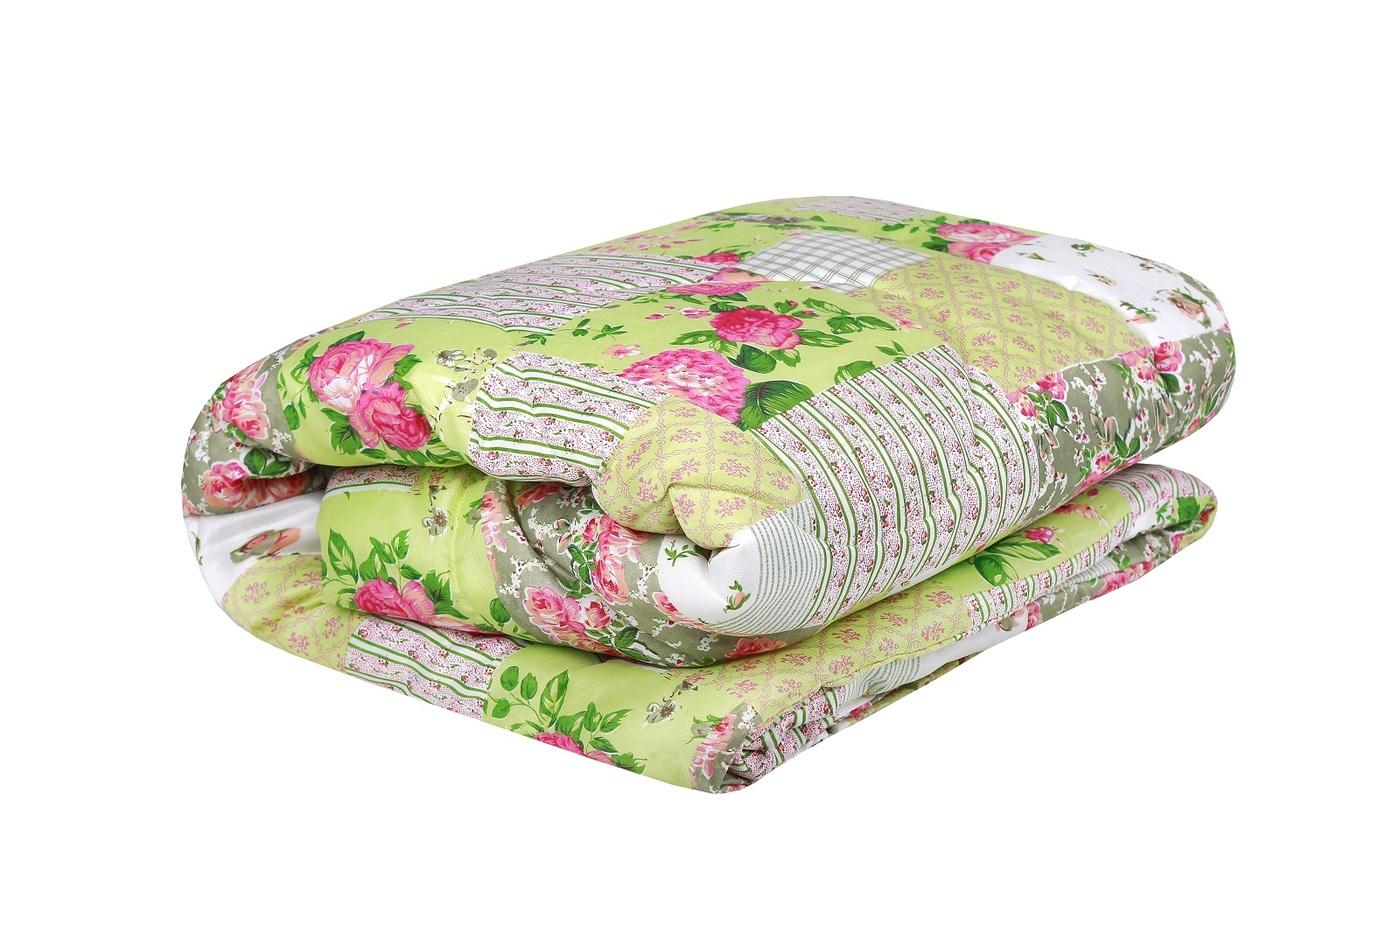 Одеяло Sn Textile ФБ-15 1,5 спальный, 140x205, Теплое, с наполнителем Холлофайбер